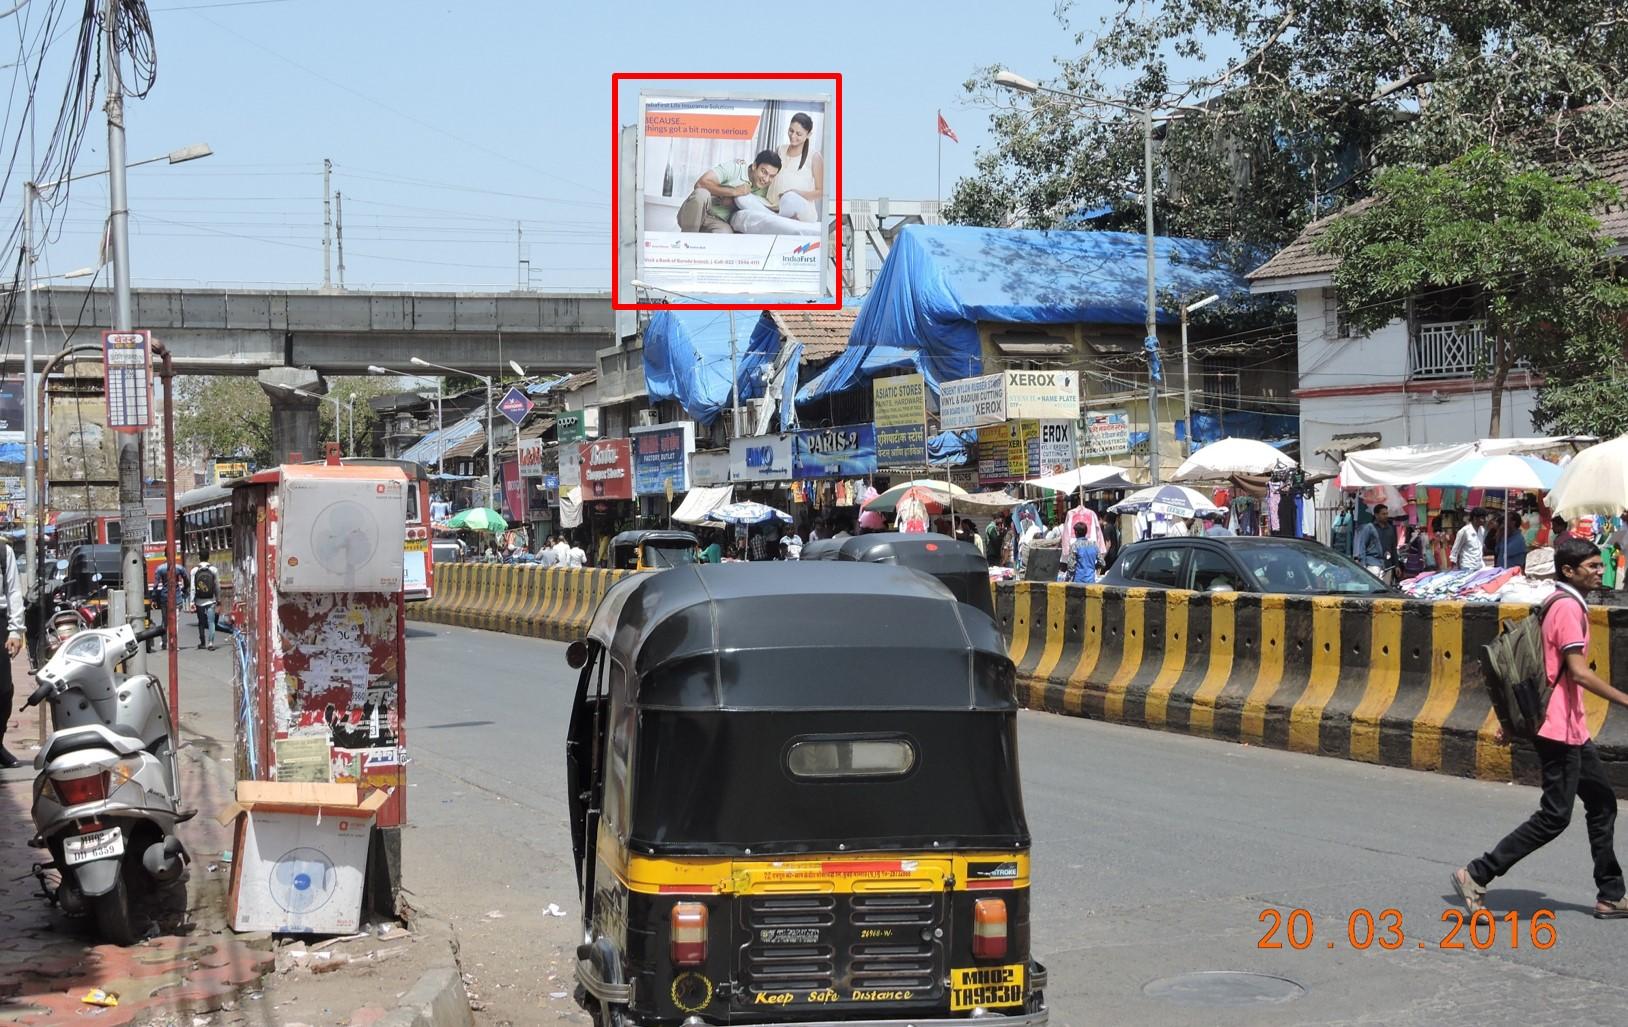 Andheri S V Road ET, Mumbai